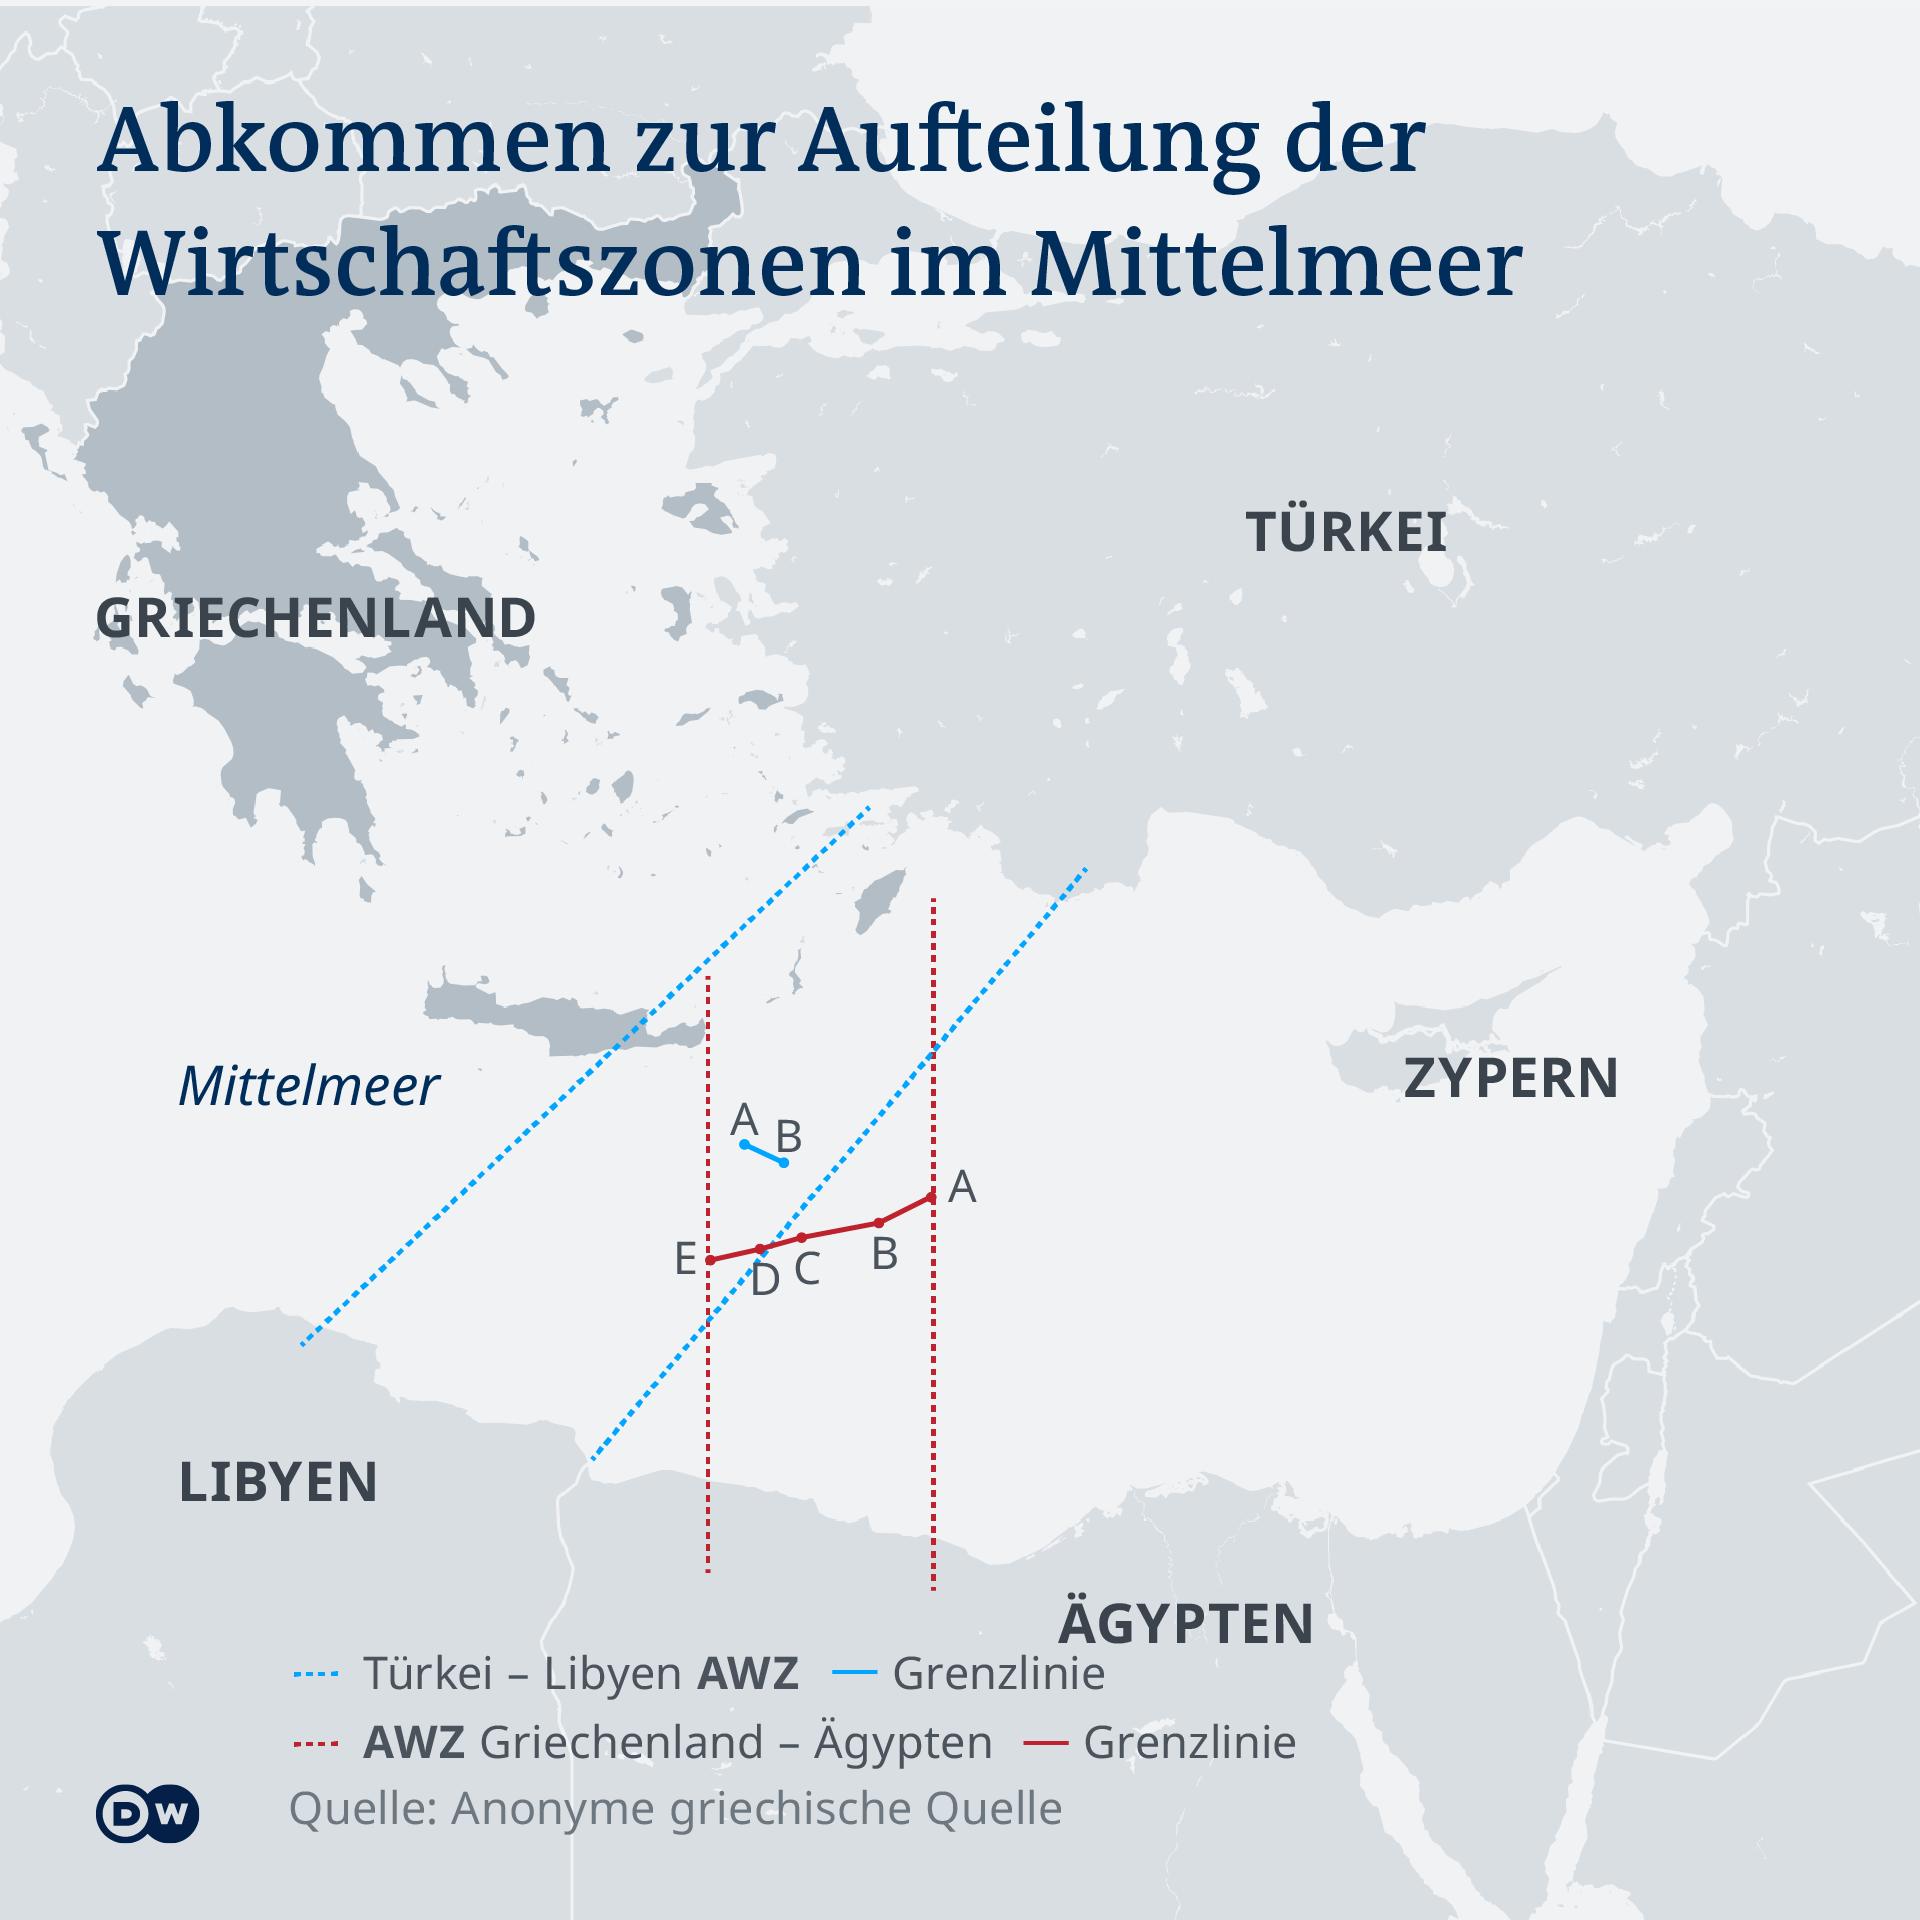 Aufteilung der Wirtschaftszonen im Mittelmeer